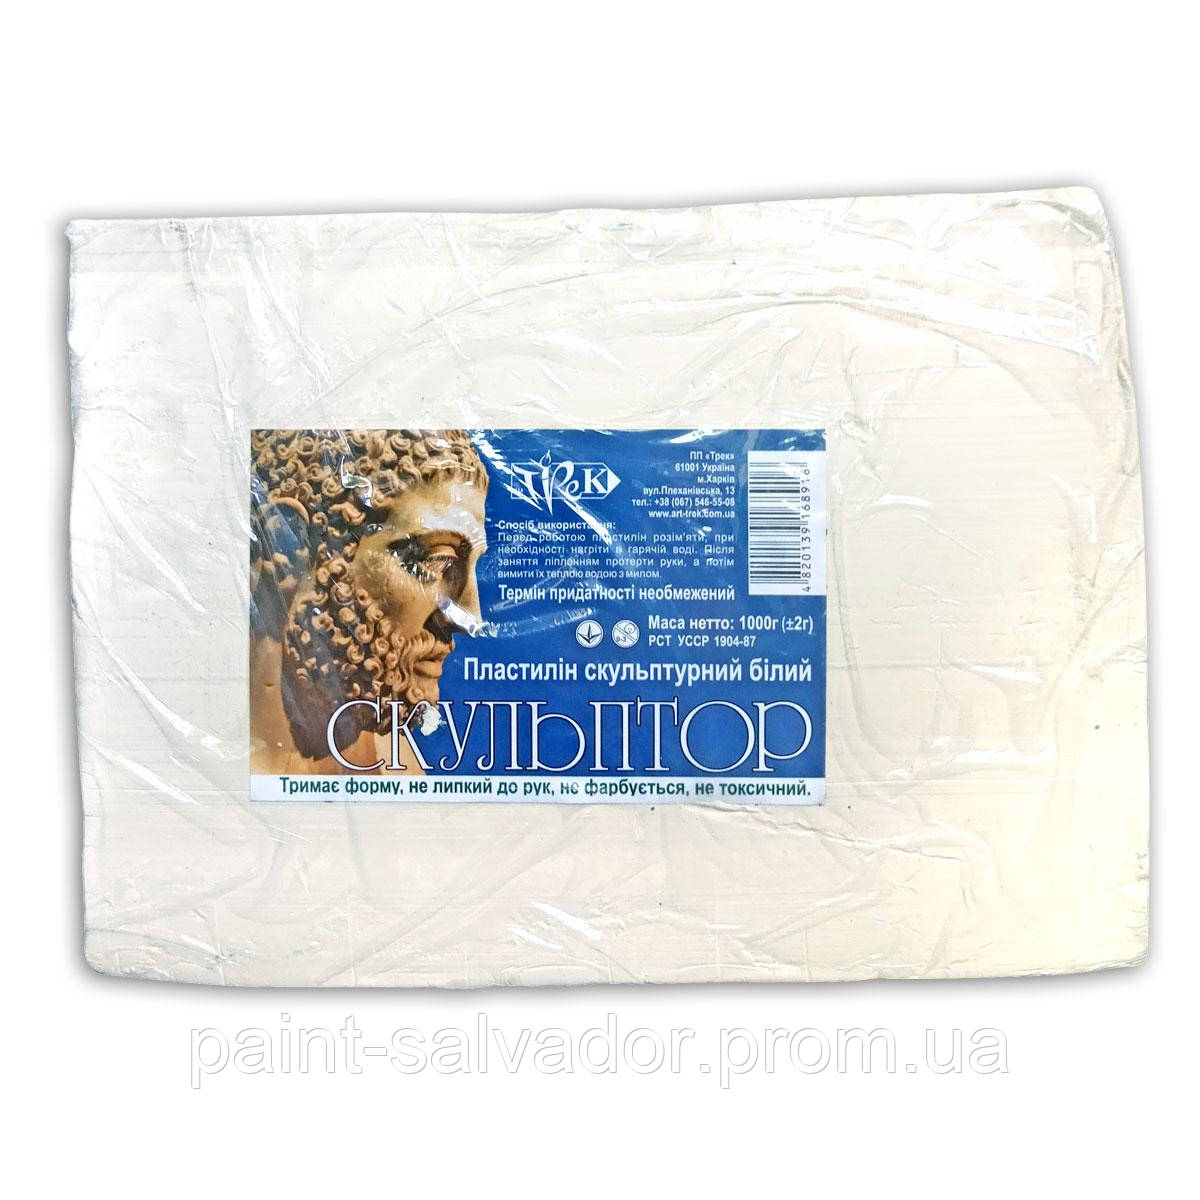 Пластилин скульптурный «Скульптор» белый 1 кг «Трек» Украина